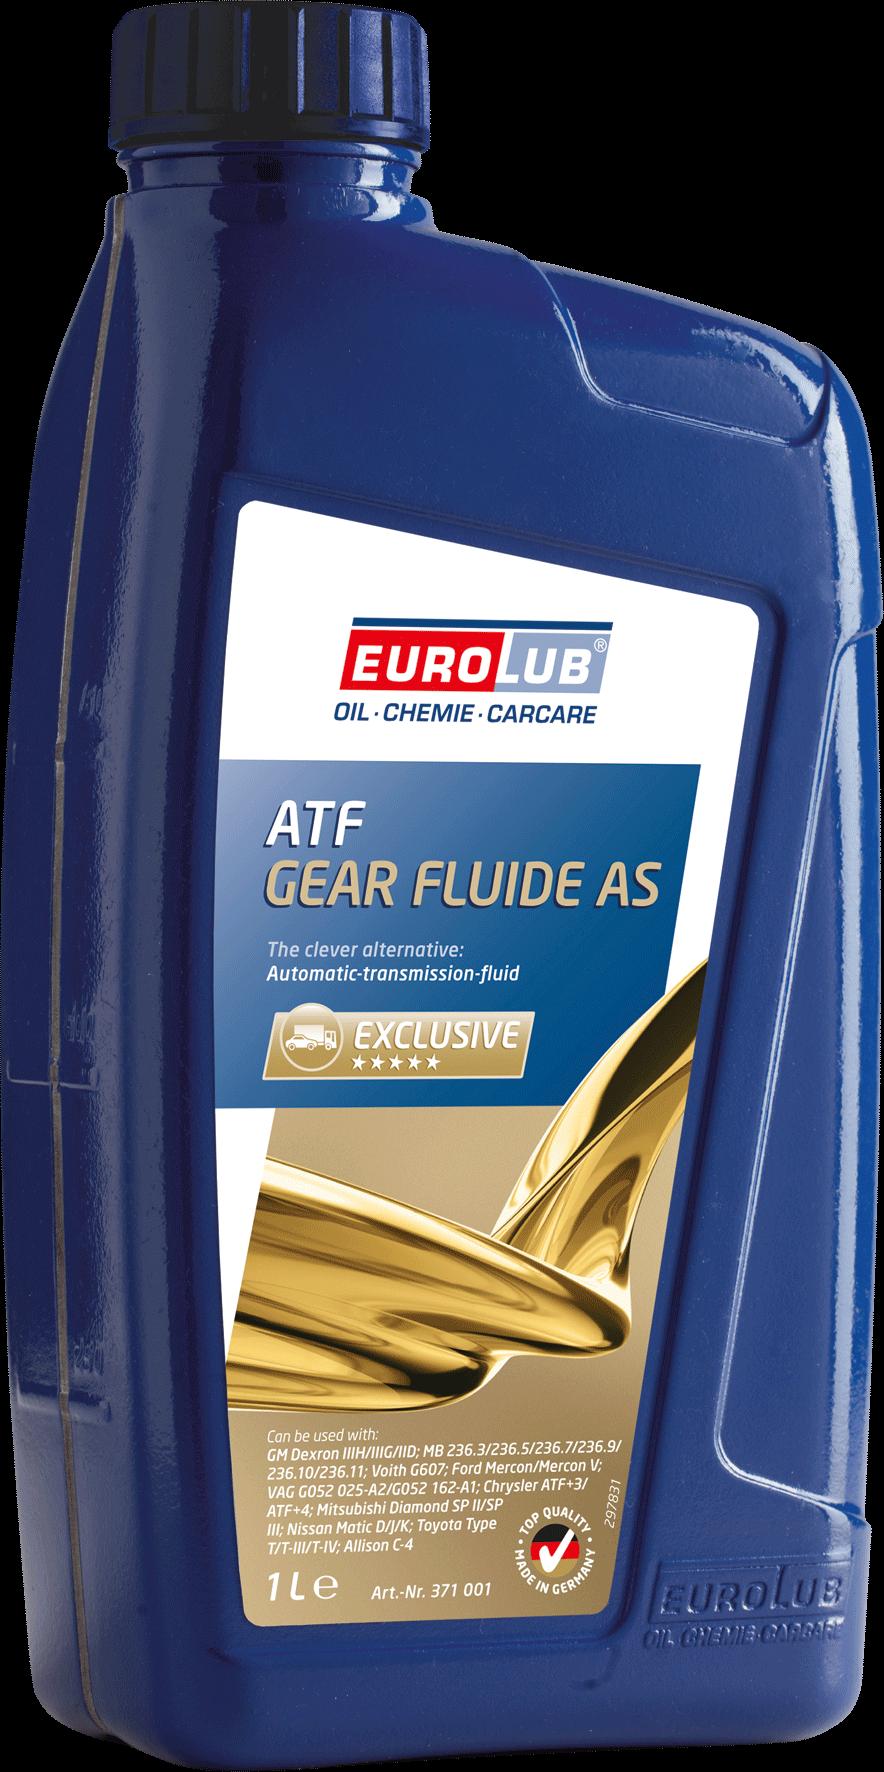 EUROLUB Gear Fluide AS, 1л